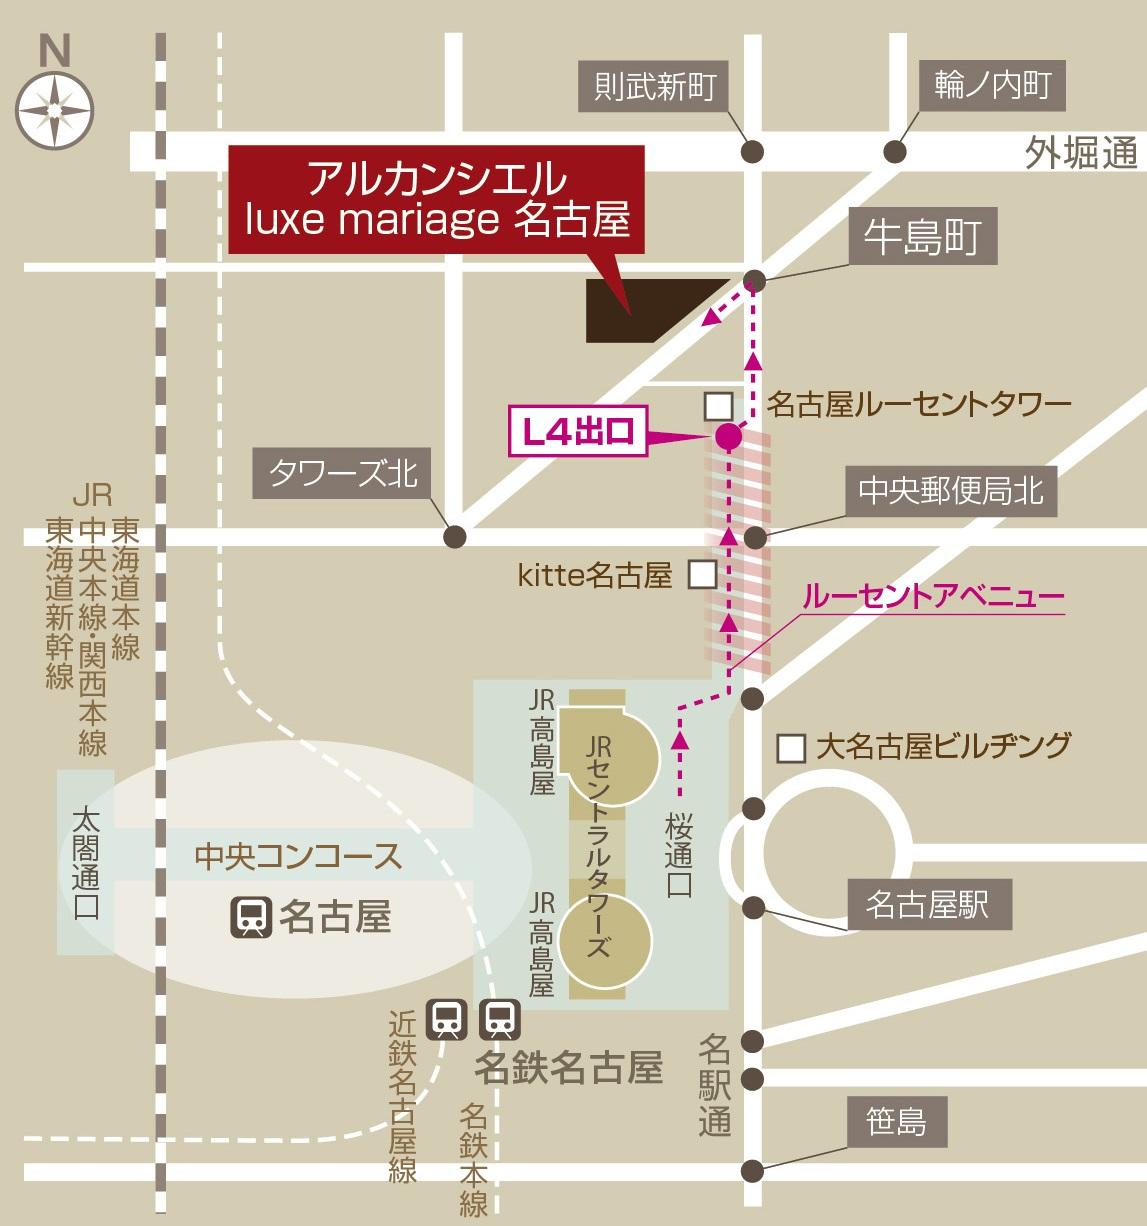 名古屋駅からのアクセス